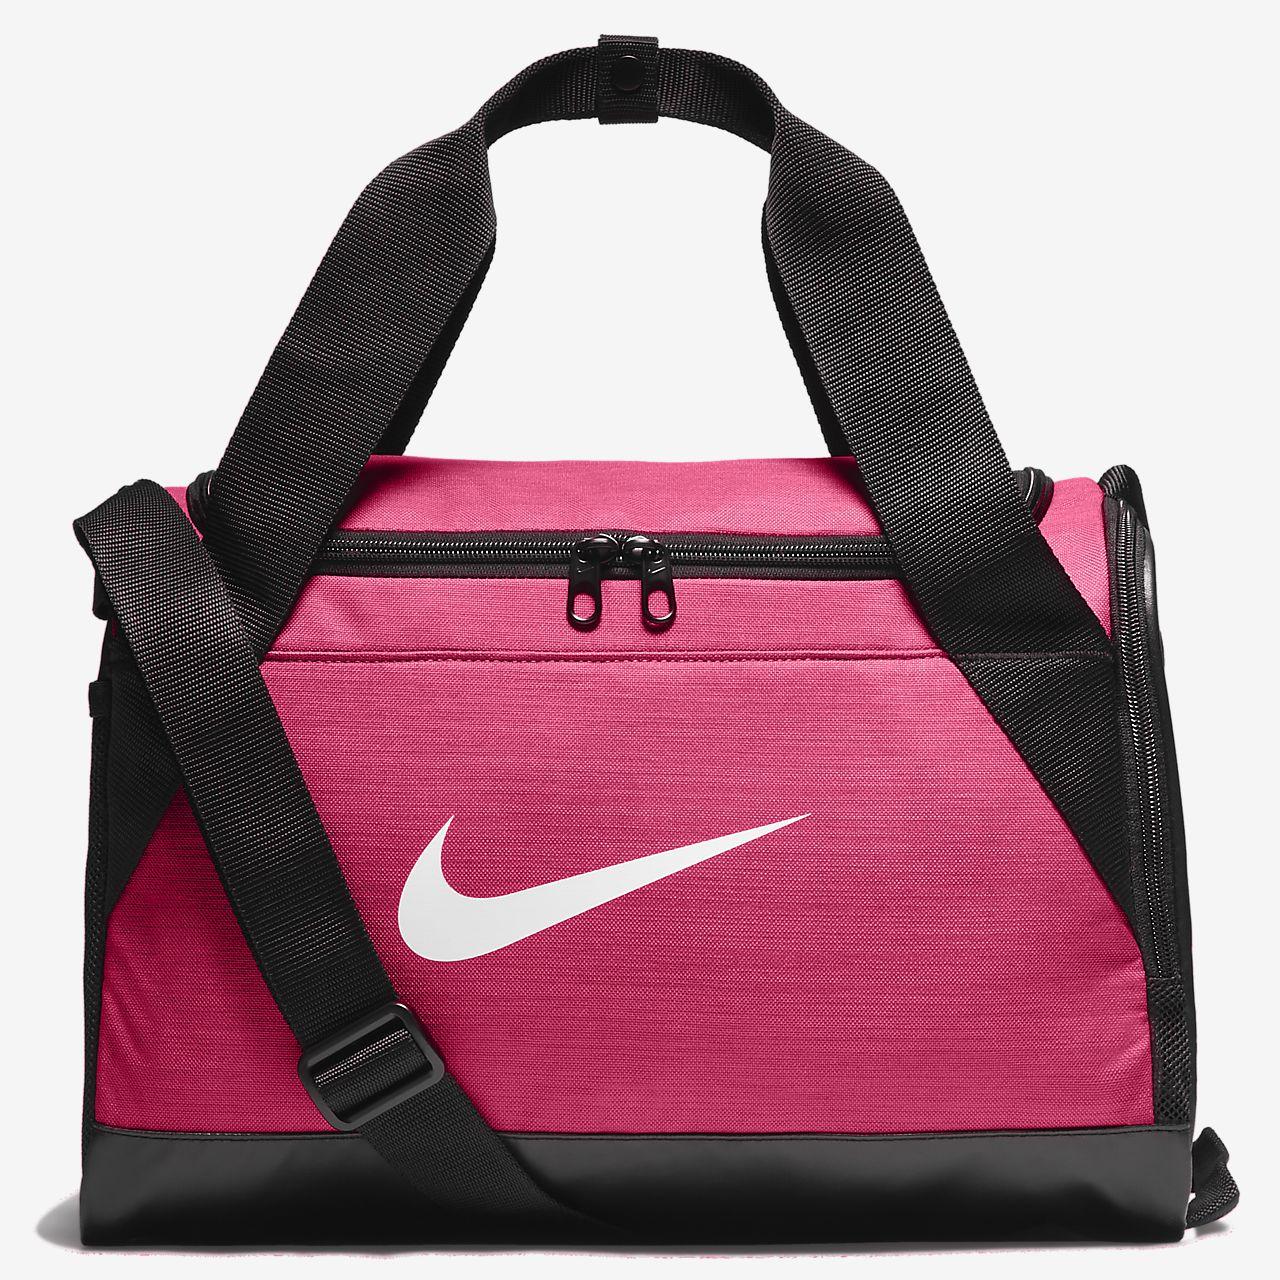 185c9dc610a4 Nike Brasilia (Extra Small) Training Duffel Bag. Nike.com AU